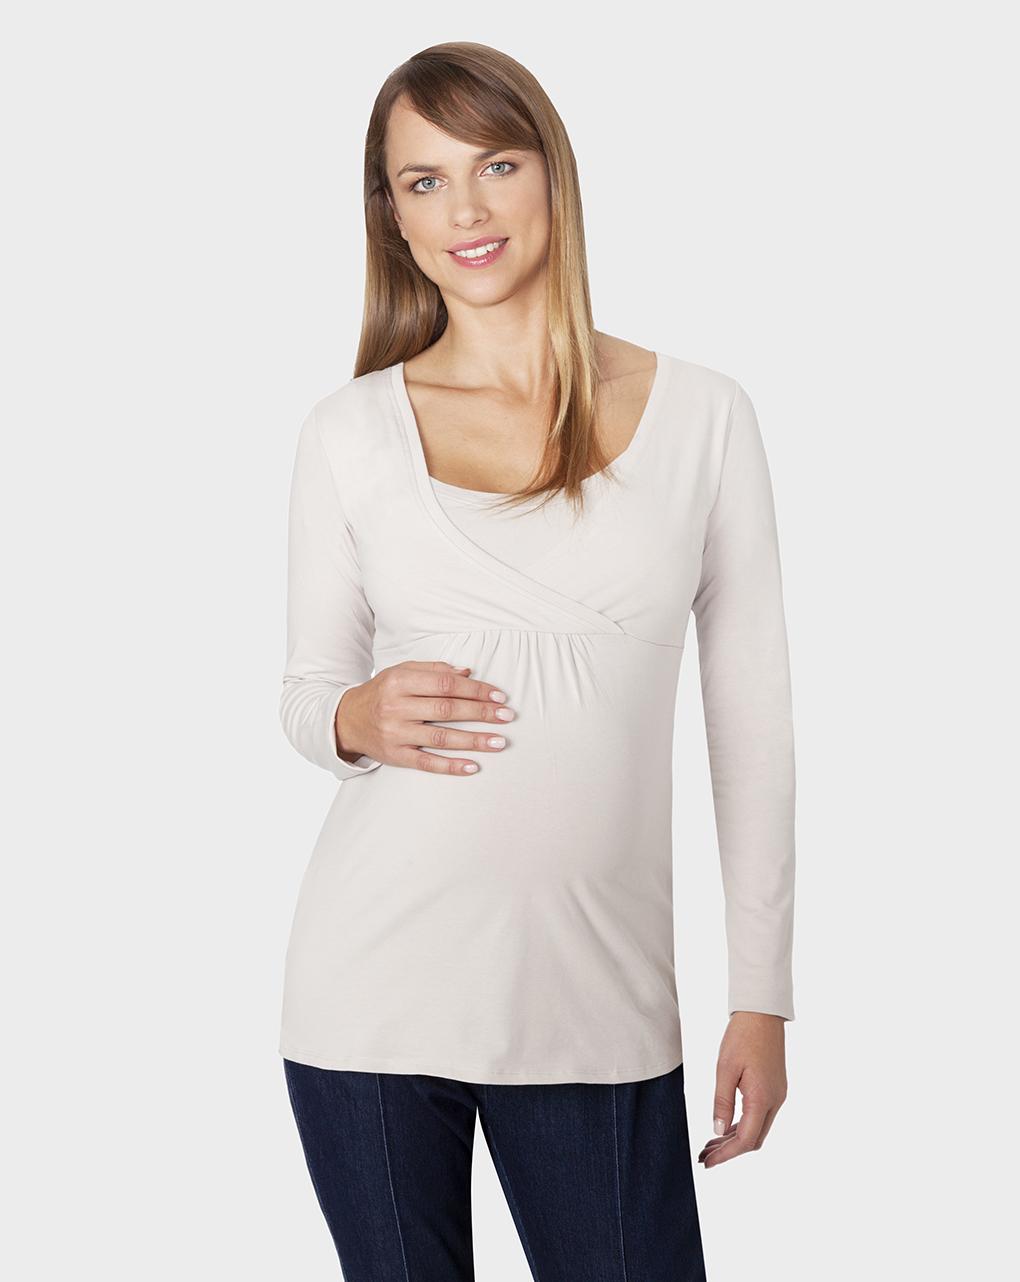 Γυναικείο T-Shirt Θηλασμού Μπεζ